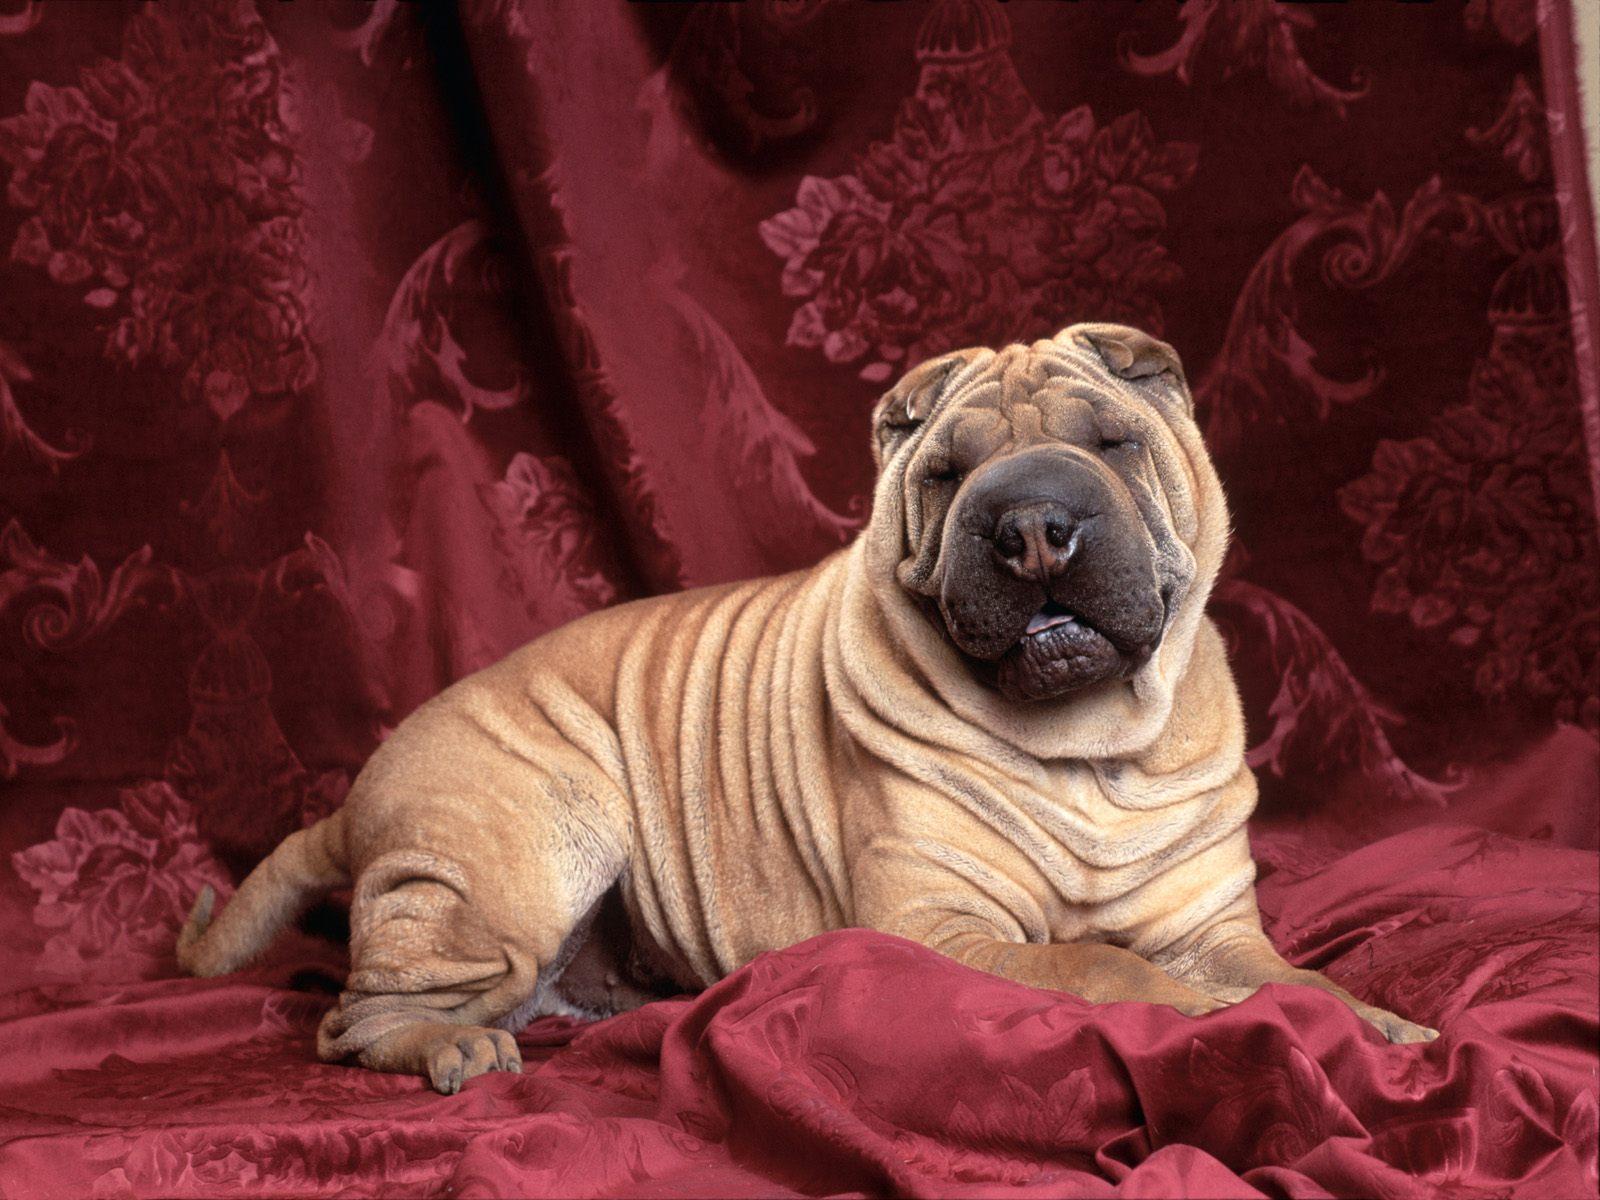 http://1.bp.blogspot.com/-rRej5qVw0hc/Th8Op3F8luI/AAAAAAAAAFY/5sK5Bz-94dk/s1600/Shar+Pei+Dogs+Wallpapers+4.jpg